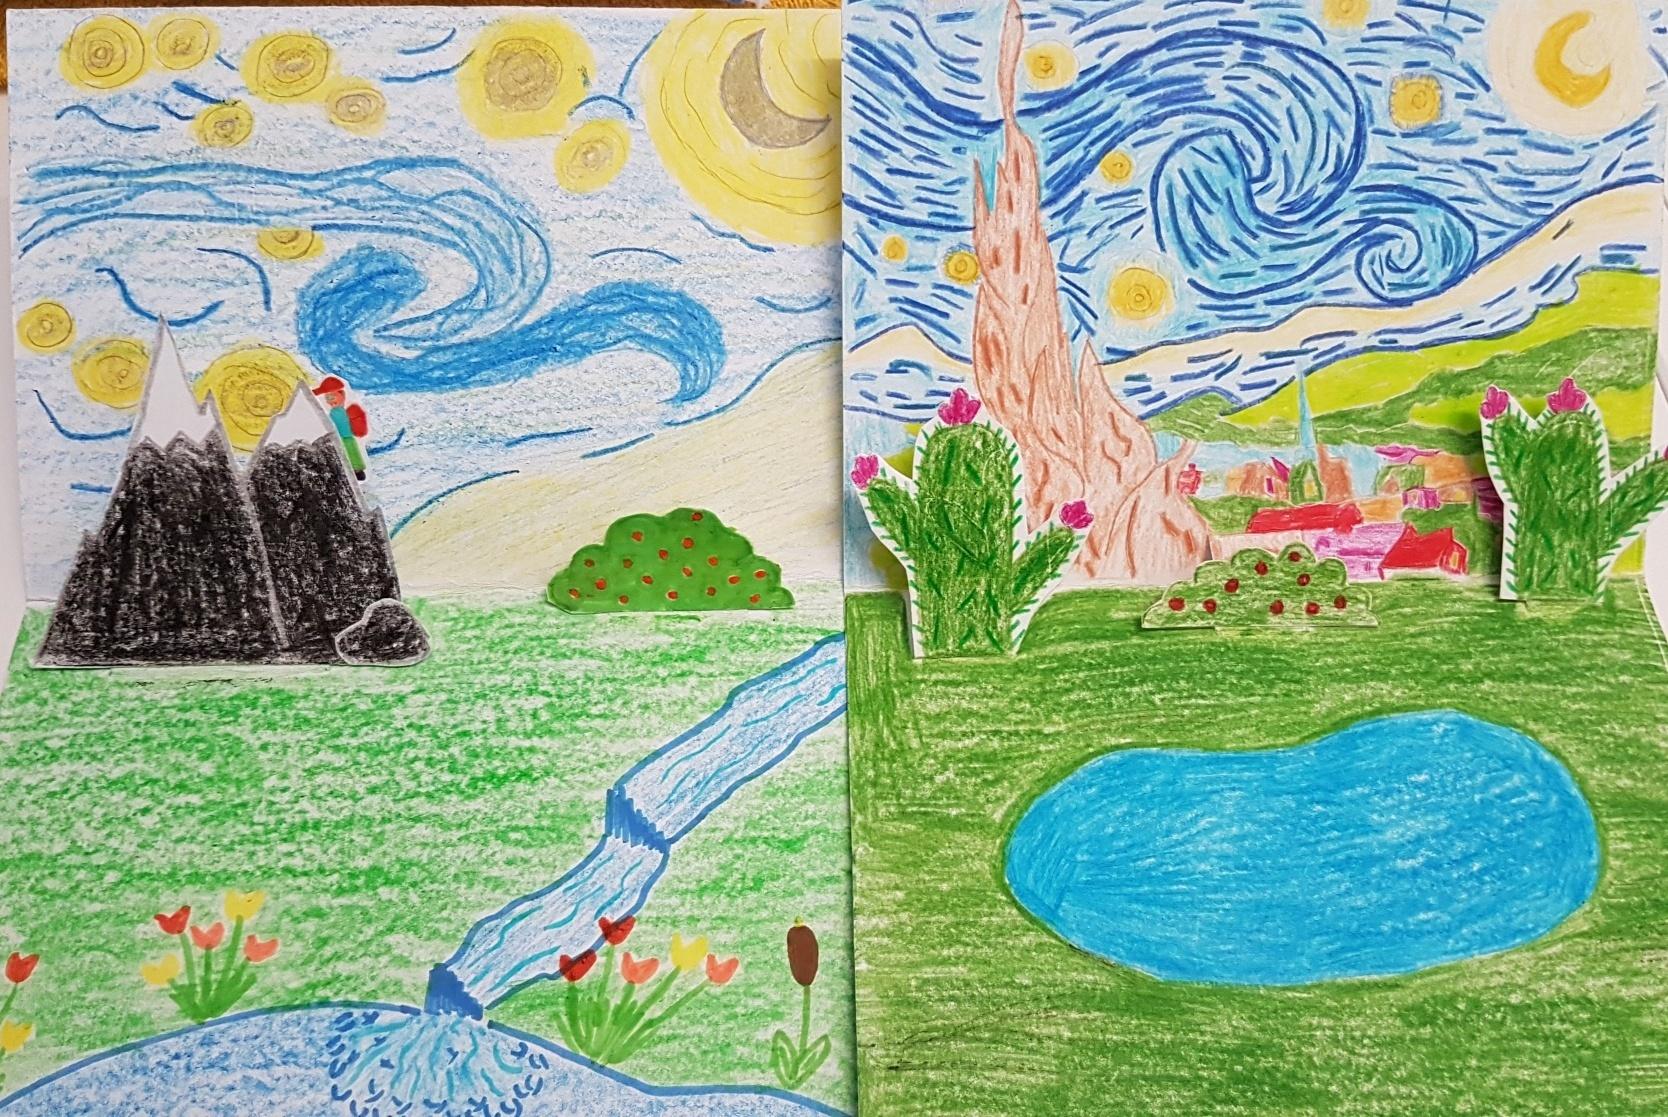 Gogh-Starry-Night-parafráze-3D-Vozárová-Bauzová-7.r.